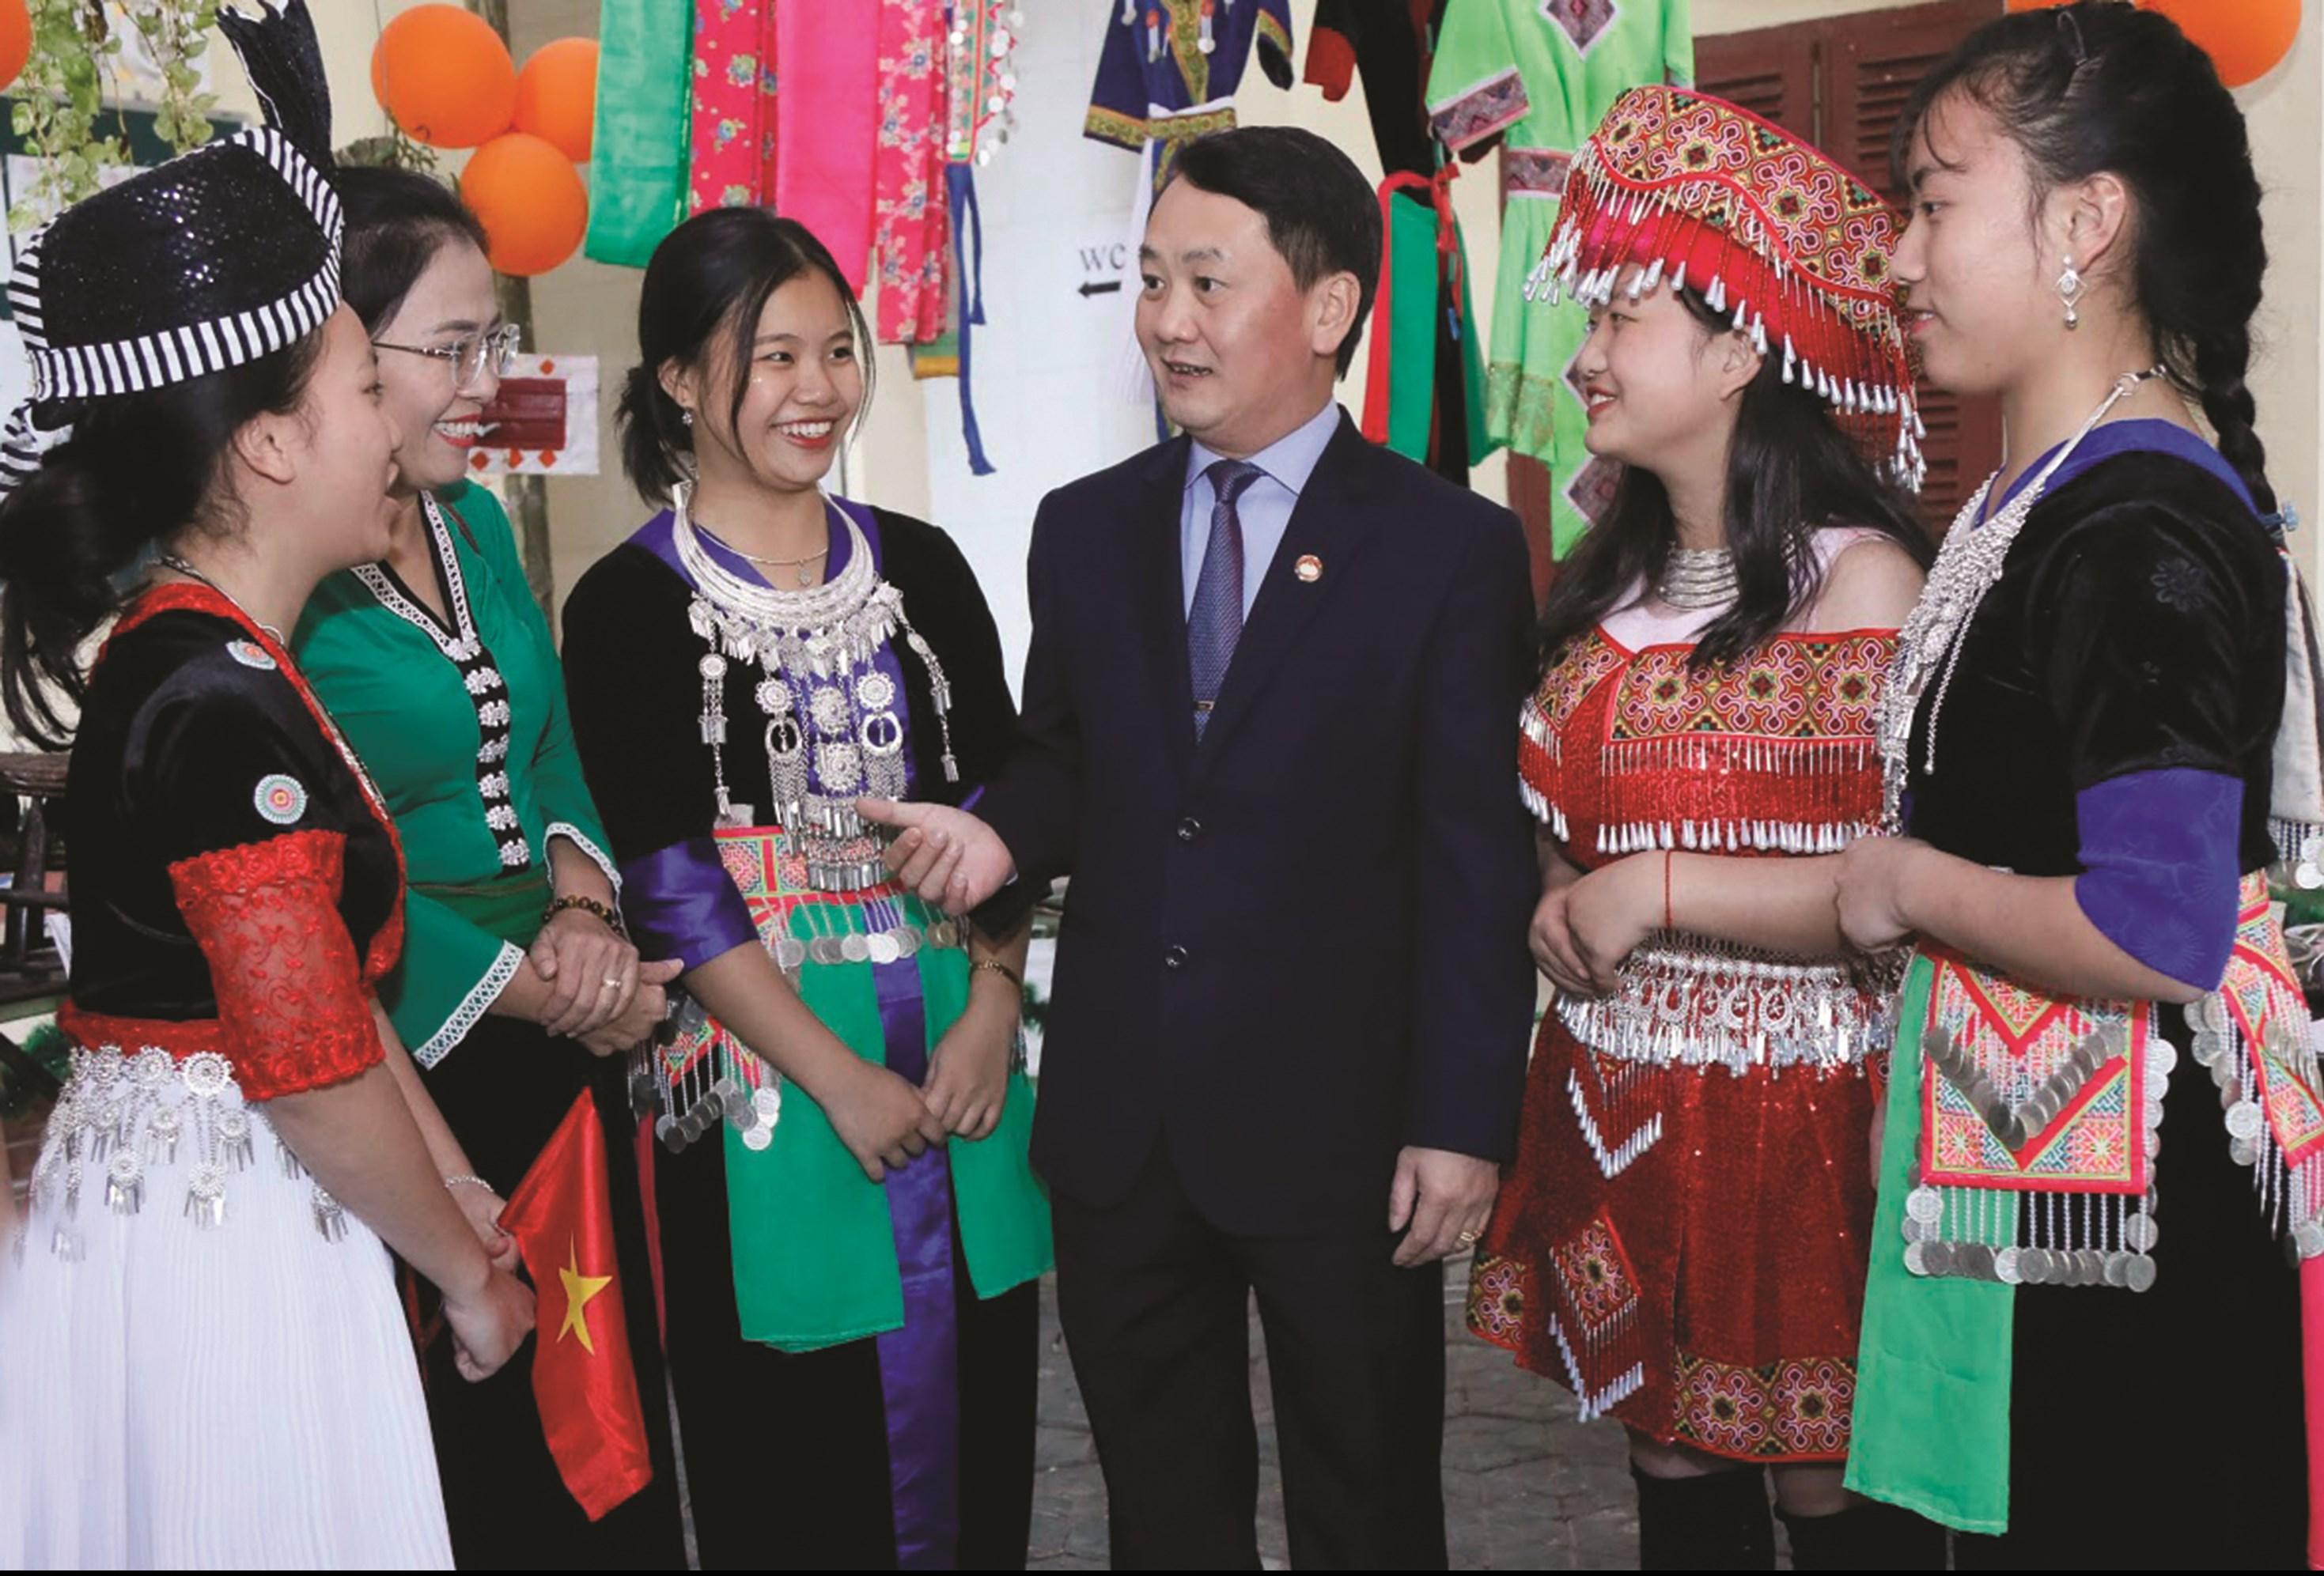 Đồng chí Hầu A Lềnh trò chuyện với các em học sinh Trường THPT dân tộc nội trú tại Nghệ An (năm 2019).